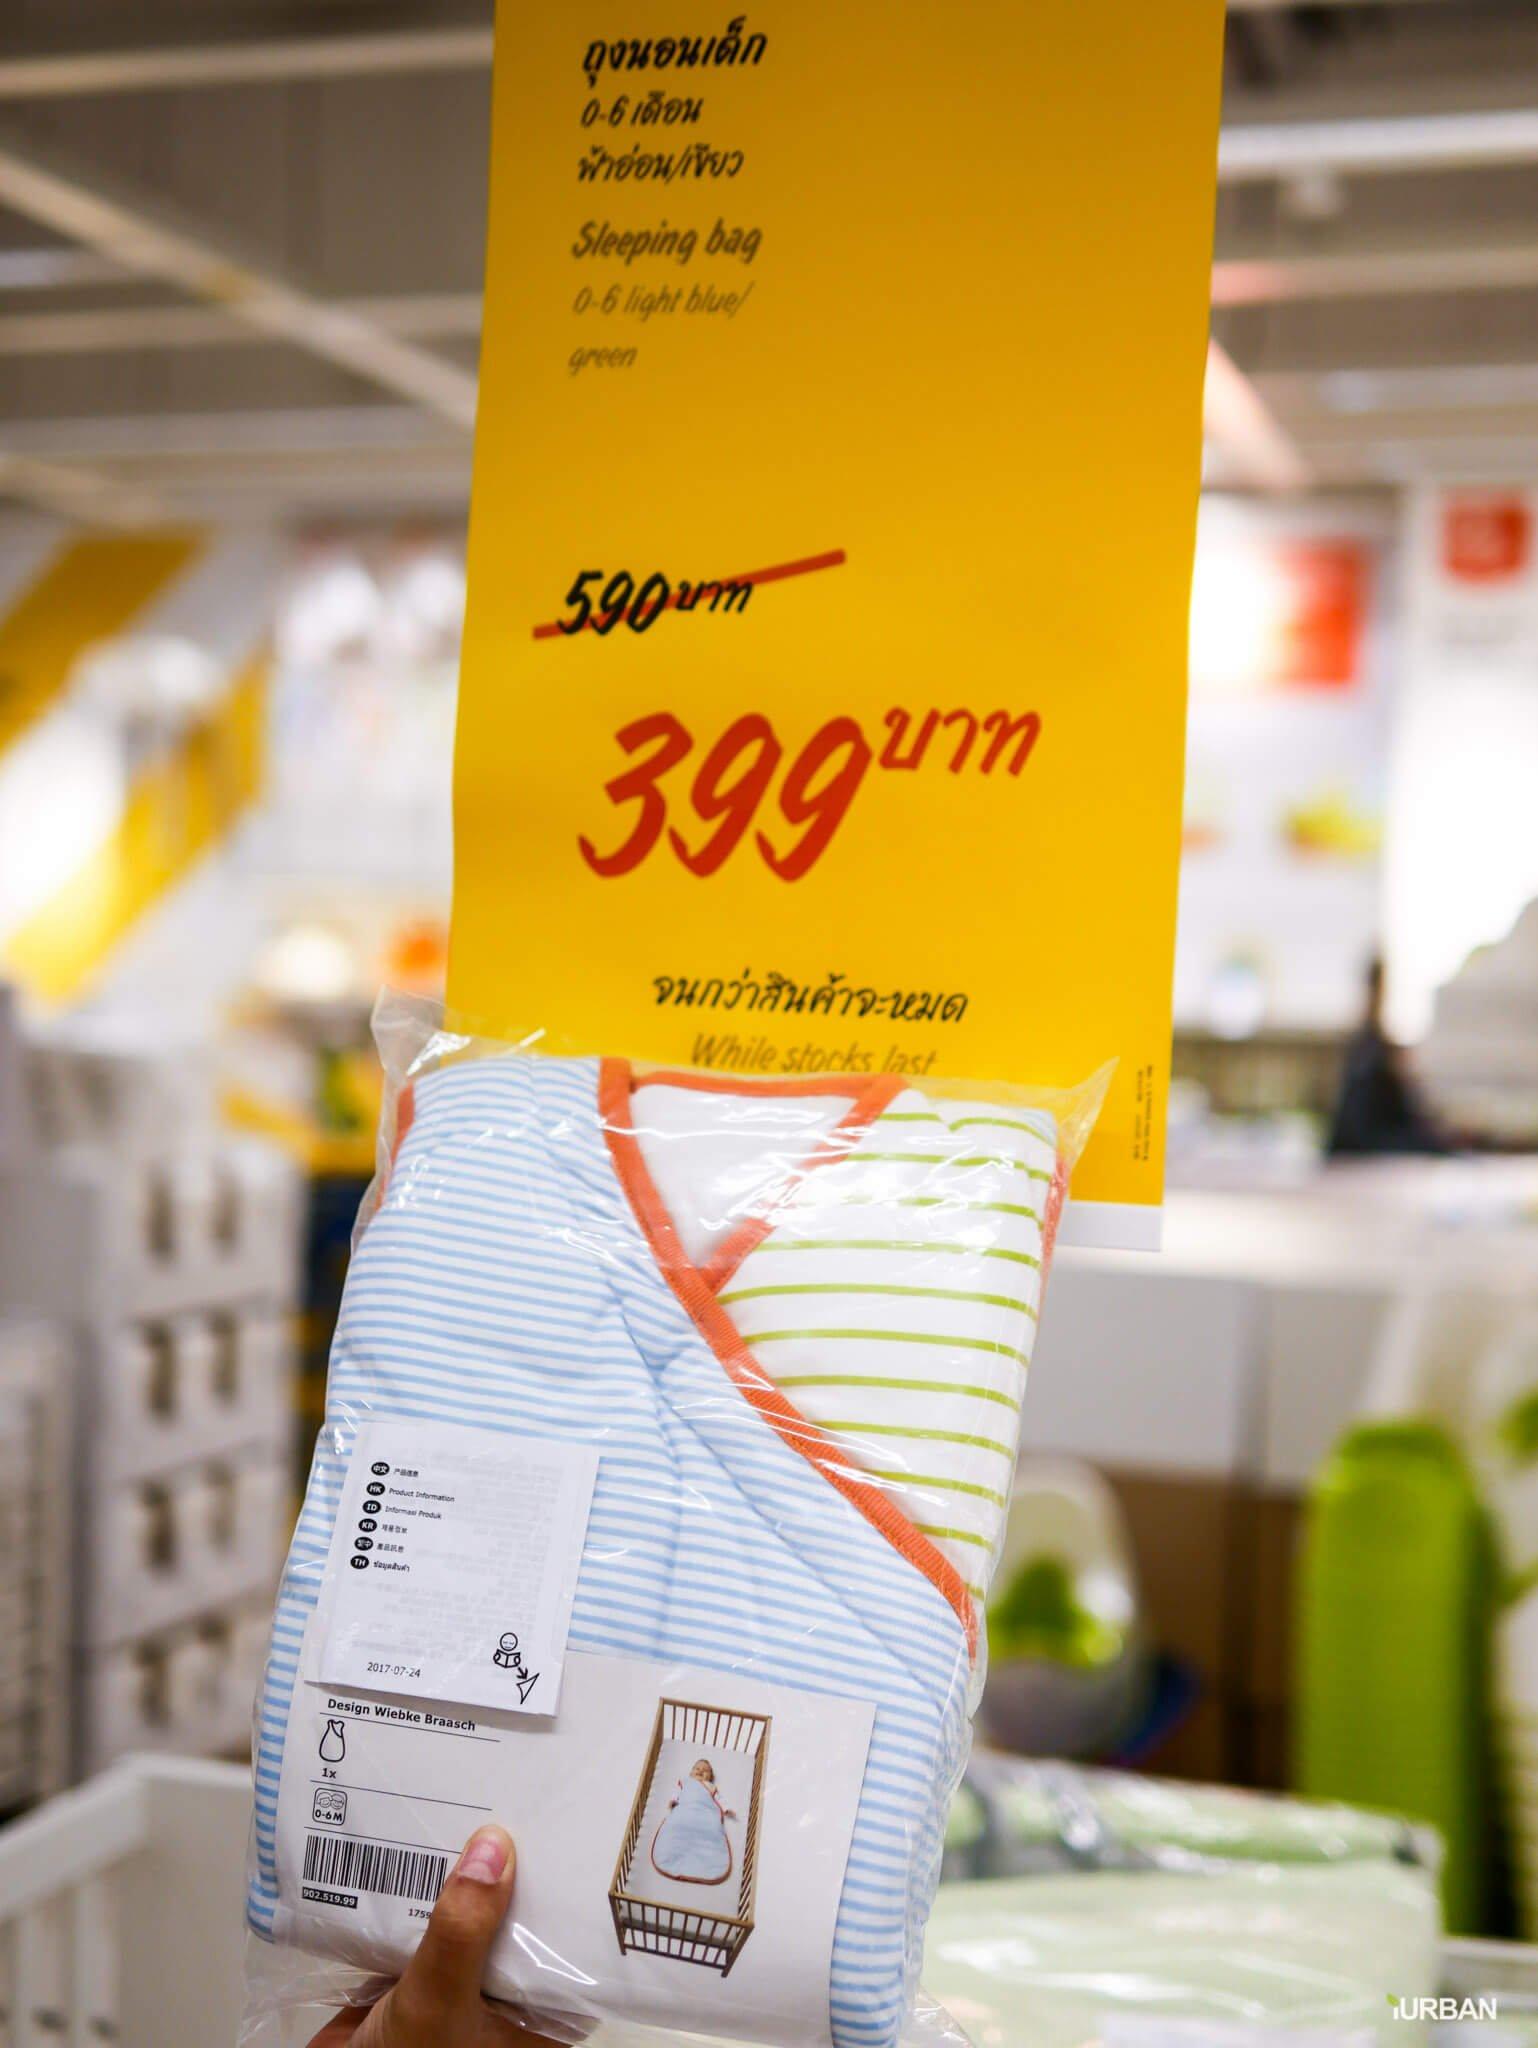 มันเยอะมากกกก!! IKEA Year End SALE 2017 รวมของเซลในอิเกีย ลดเยอะ ลดแหลก รีบพุ่งตัวไป วันนี้ - 7 มกราคม 61 96 - IKEA (อิเกีย)